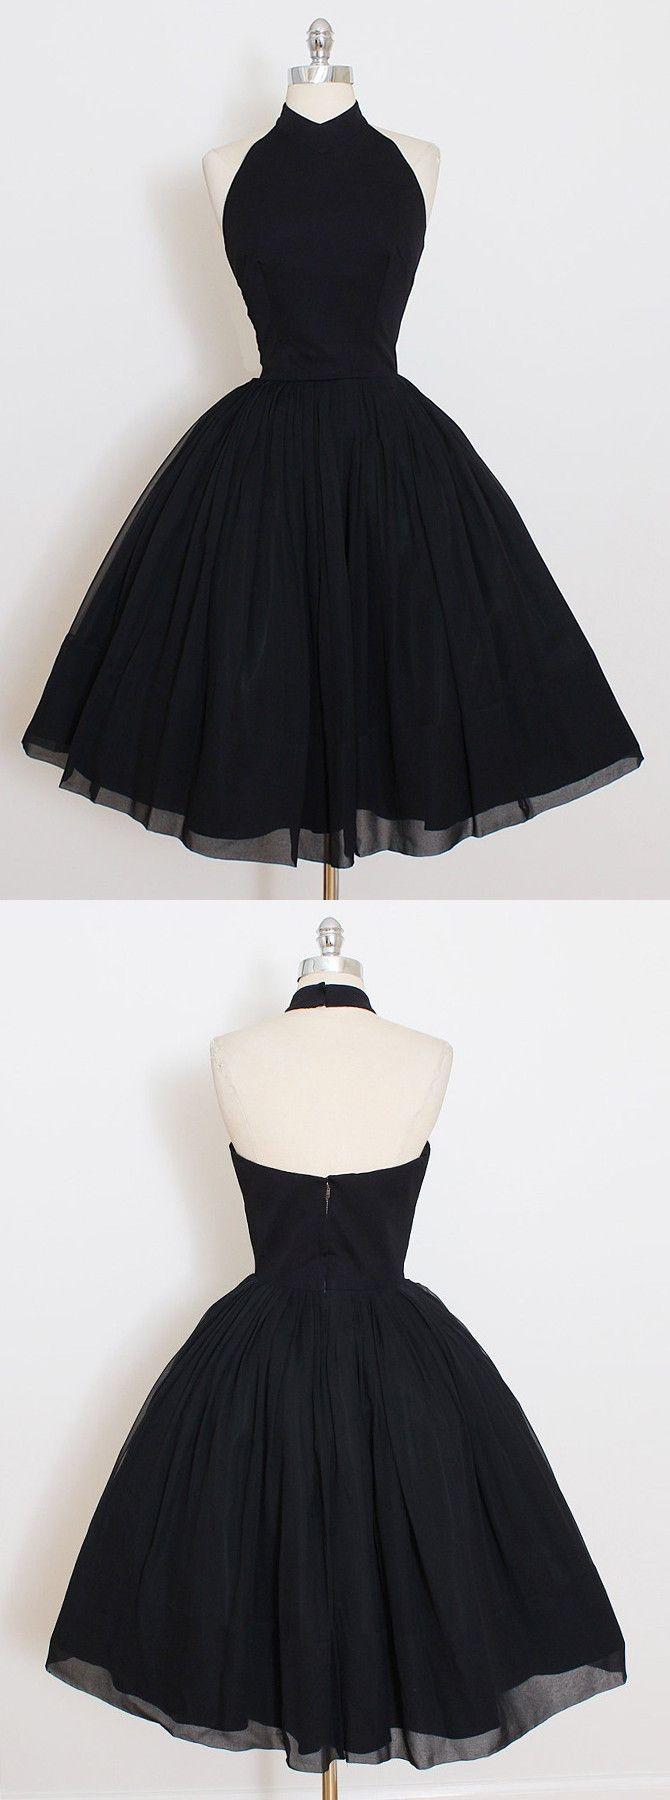 kurze heimkehr kleider schwarze heimkehr kleider kurze. Black Bedroom Furniture Sets. Home Design Ideas